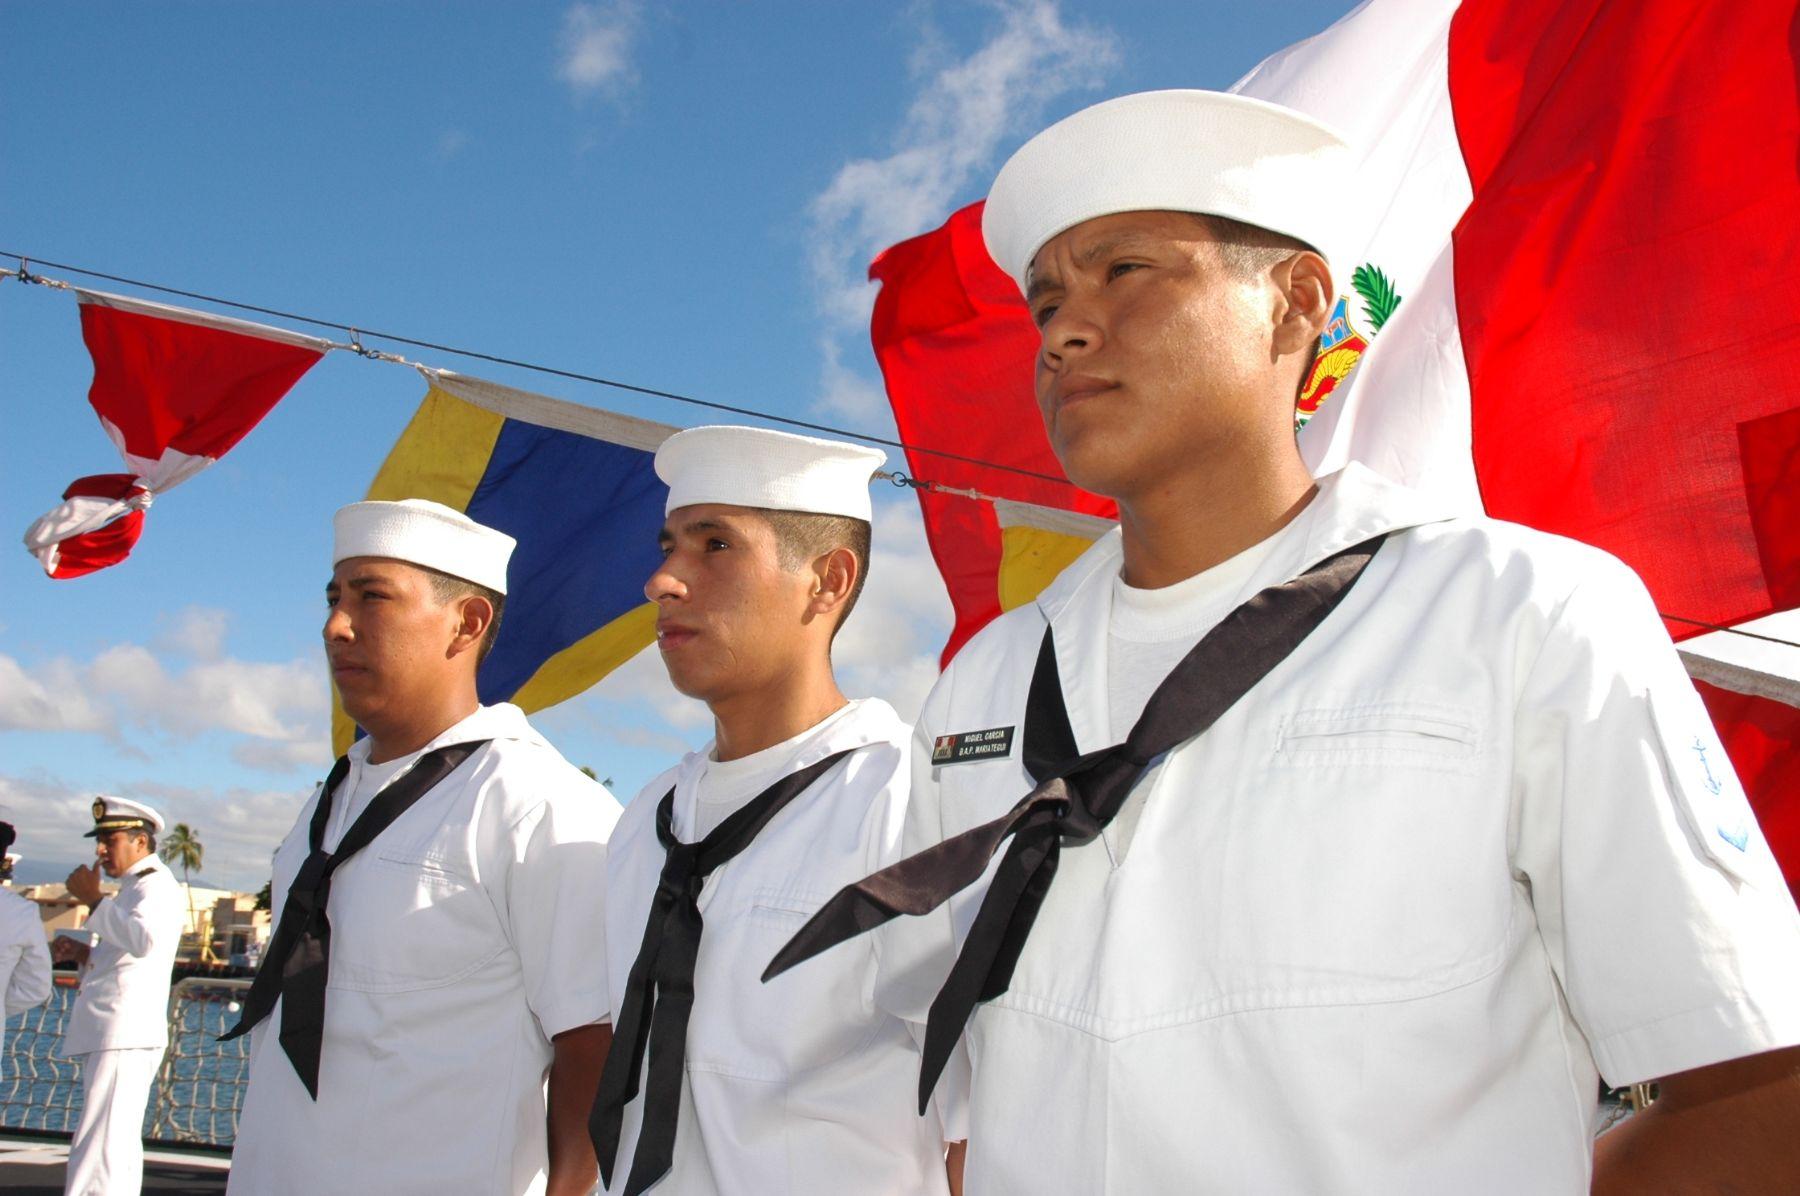 Jóvenes que realizan Servicio Militar Voluntario acceden a una educación productiva y obtienen diversos beneficios. Foto: Marina de Guerra del Perú.